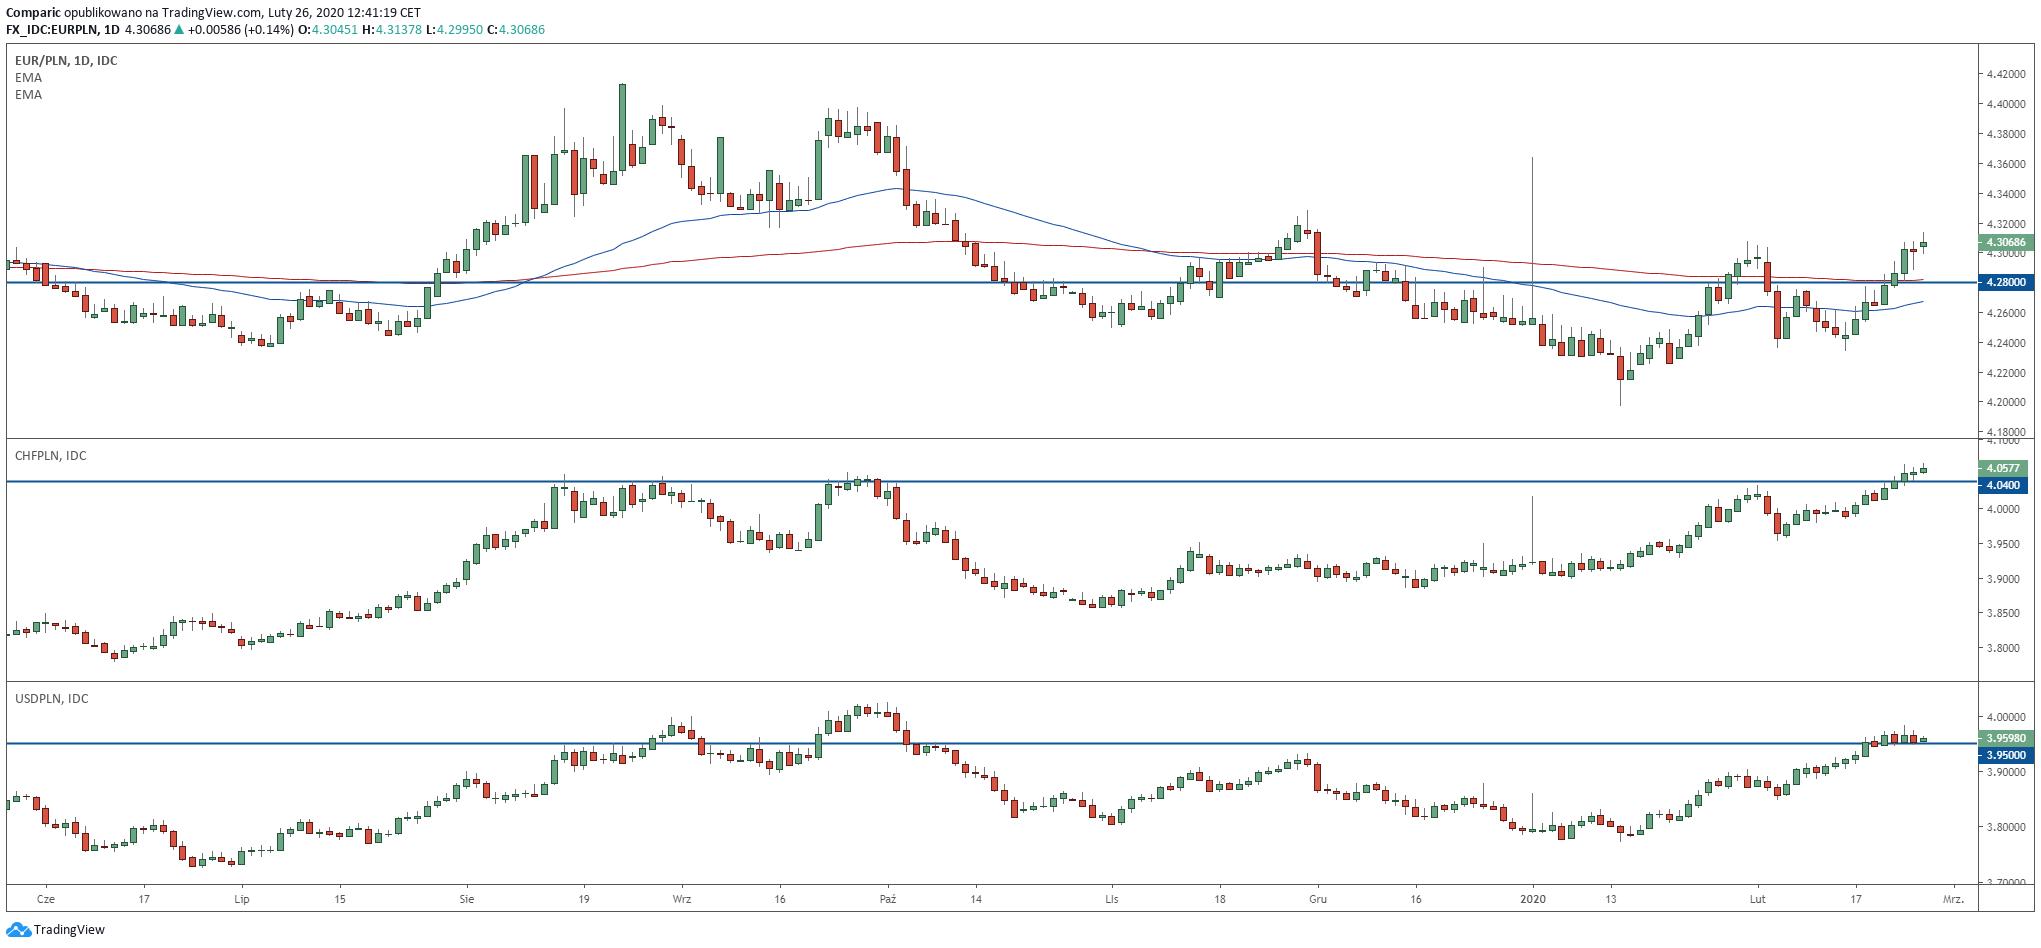 EUR/PLN, CHF/PLN i USD/PLN na wykresach świecowych, dziennych. Niebieskimi liniami zaznaczono prognozowaną cenę par walutowych pod koniec marca. Źródło: Tradingview.com